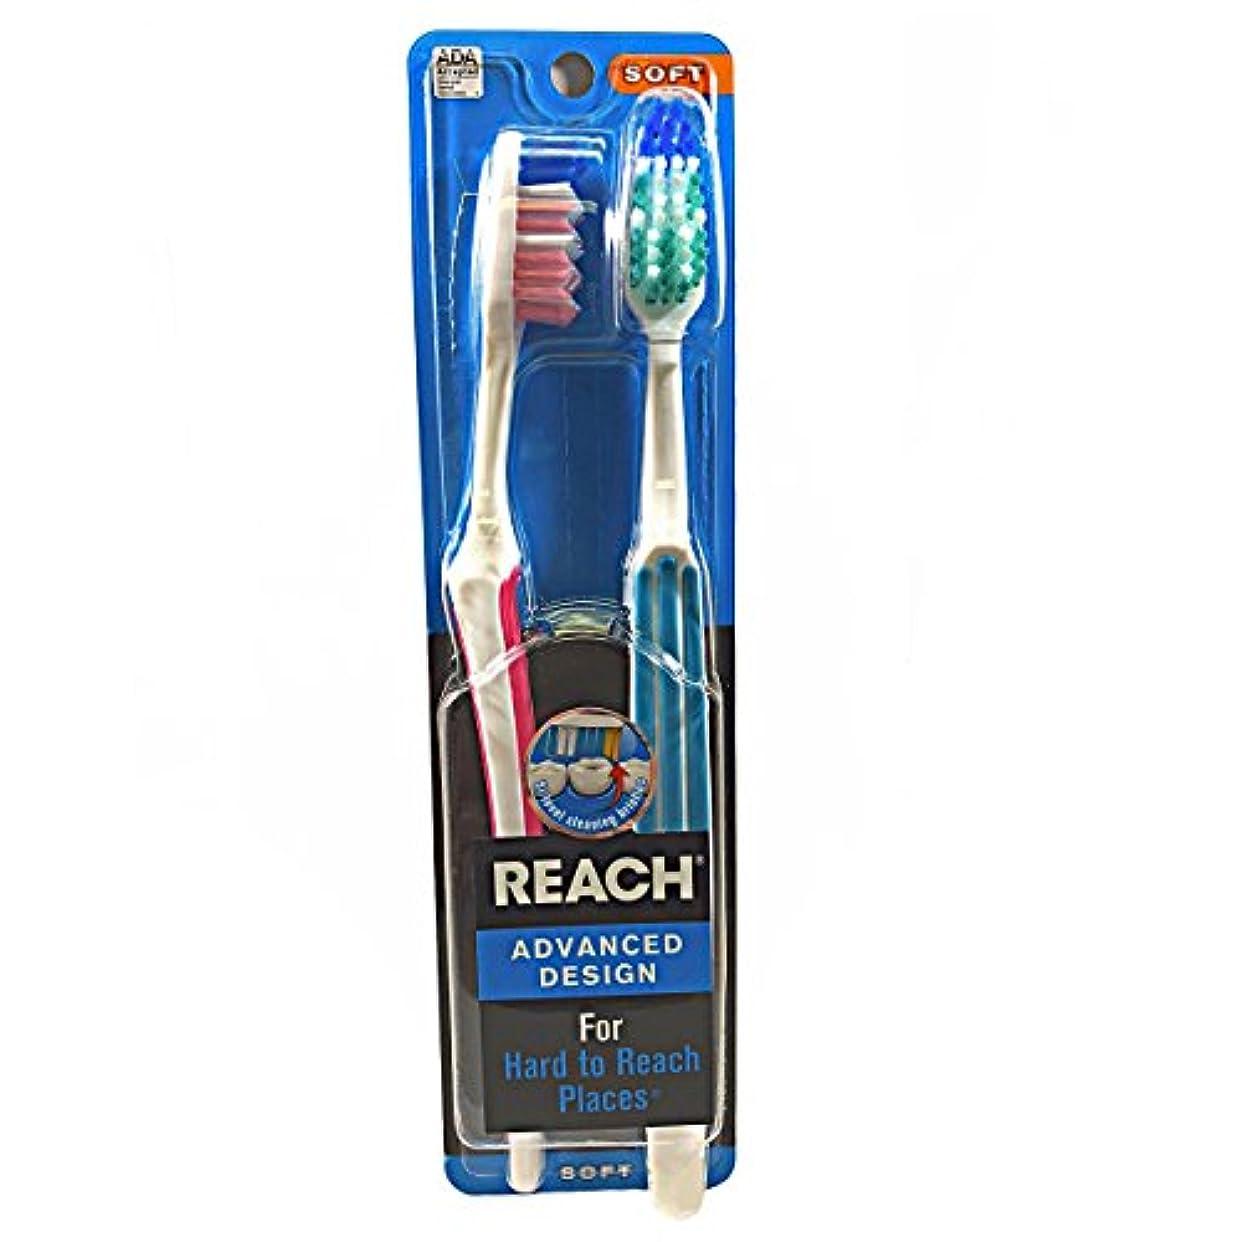 接続された星マインドReach 高度なデザイン歯ブラシソフト完全な頭部バリューパック2 Eaは